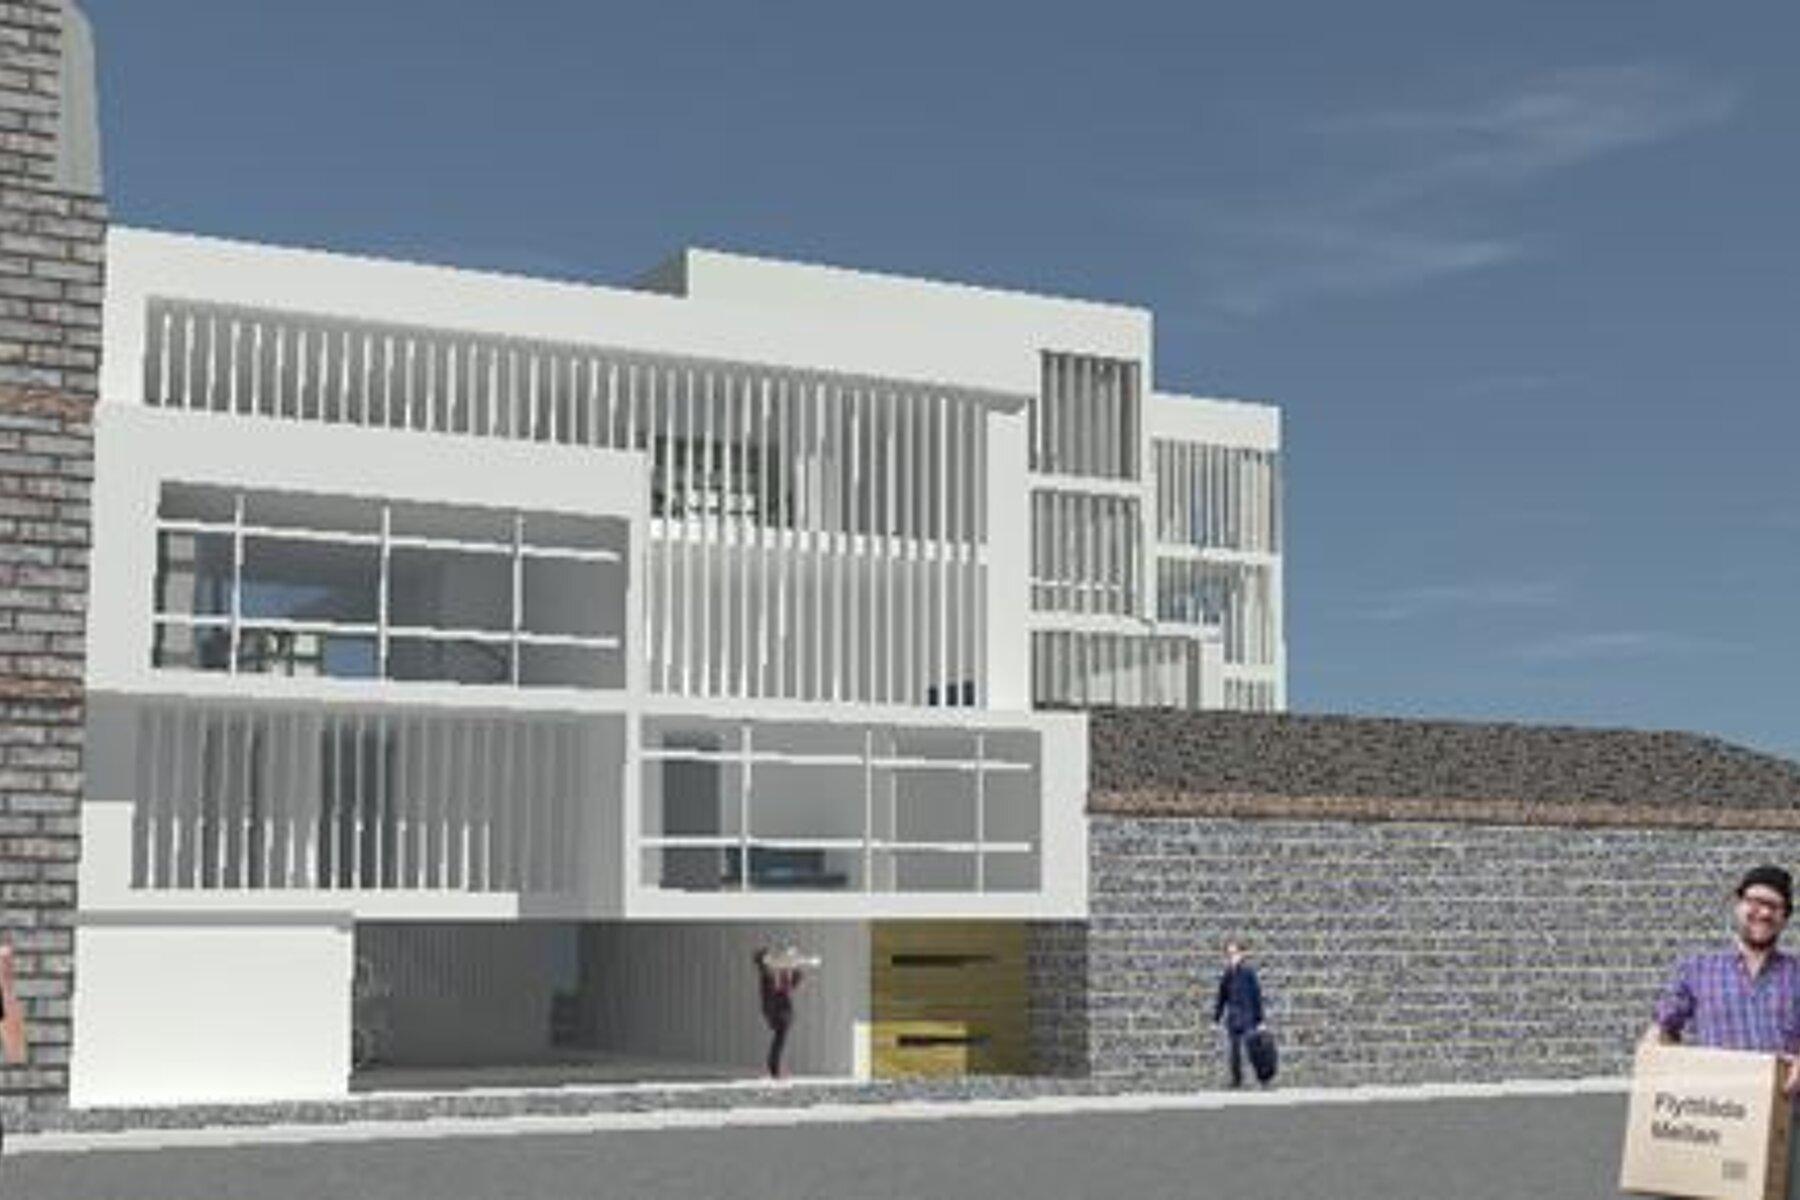 Photo Couverture de Malika Zine Architecte -AMZMA - Réalisations architecte Archidvisor